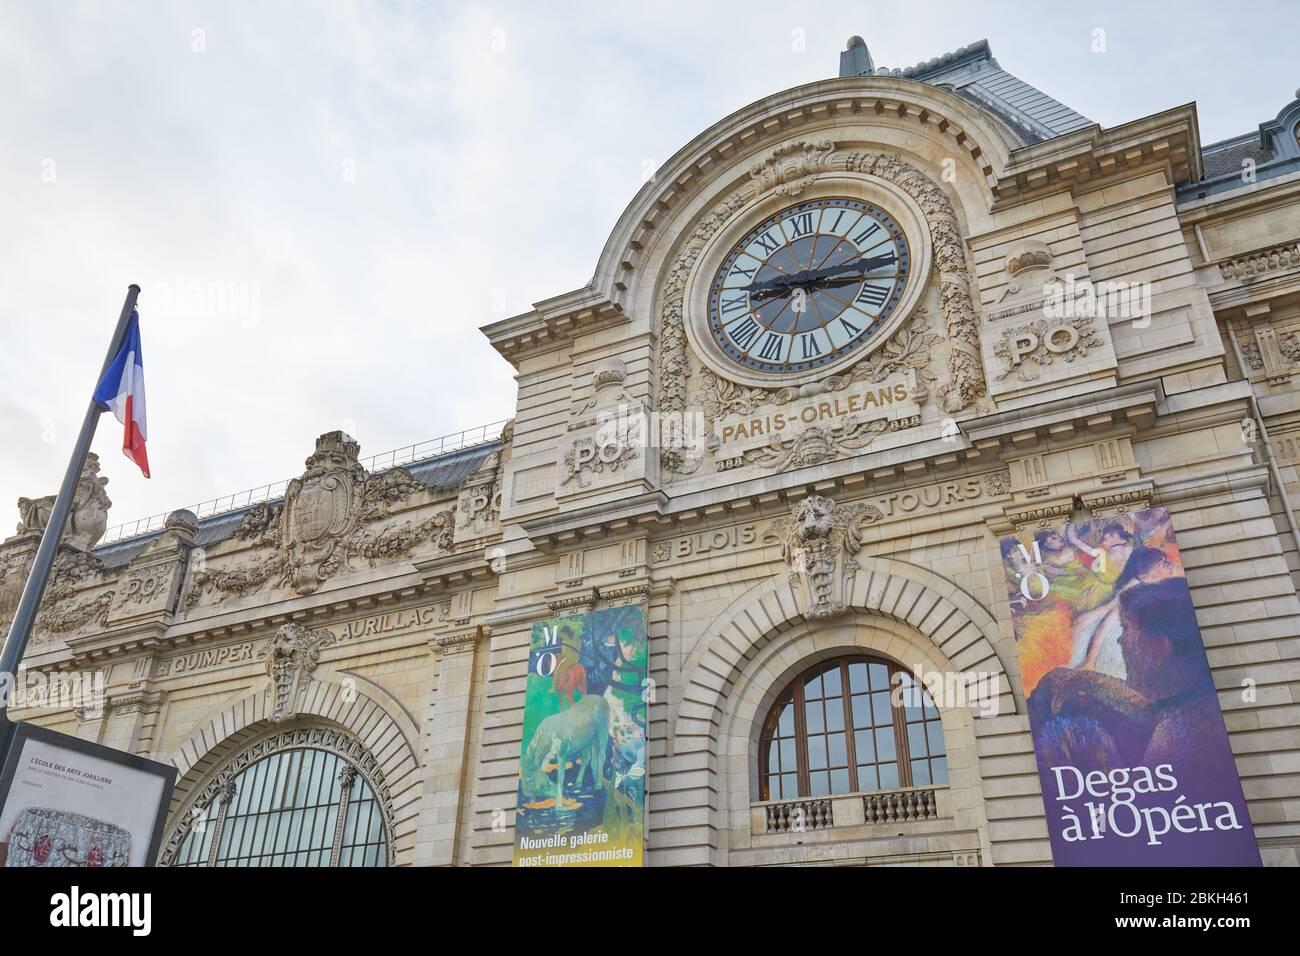 PARIS, FRANCE - 8 NOVEMBRE 2019 : façade du musée de la Gare d'Orsay ou d'Orsay avec horloge en journée nuageux à Paris Banque D'Images